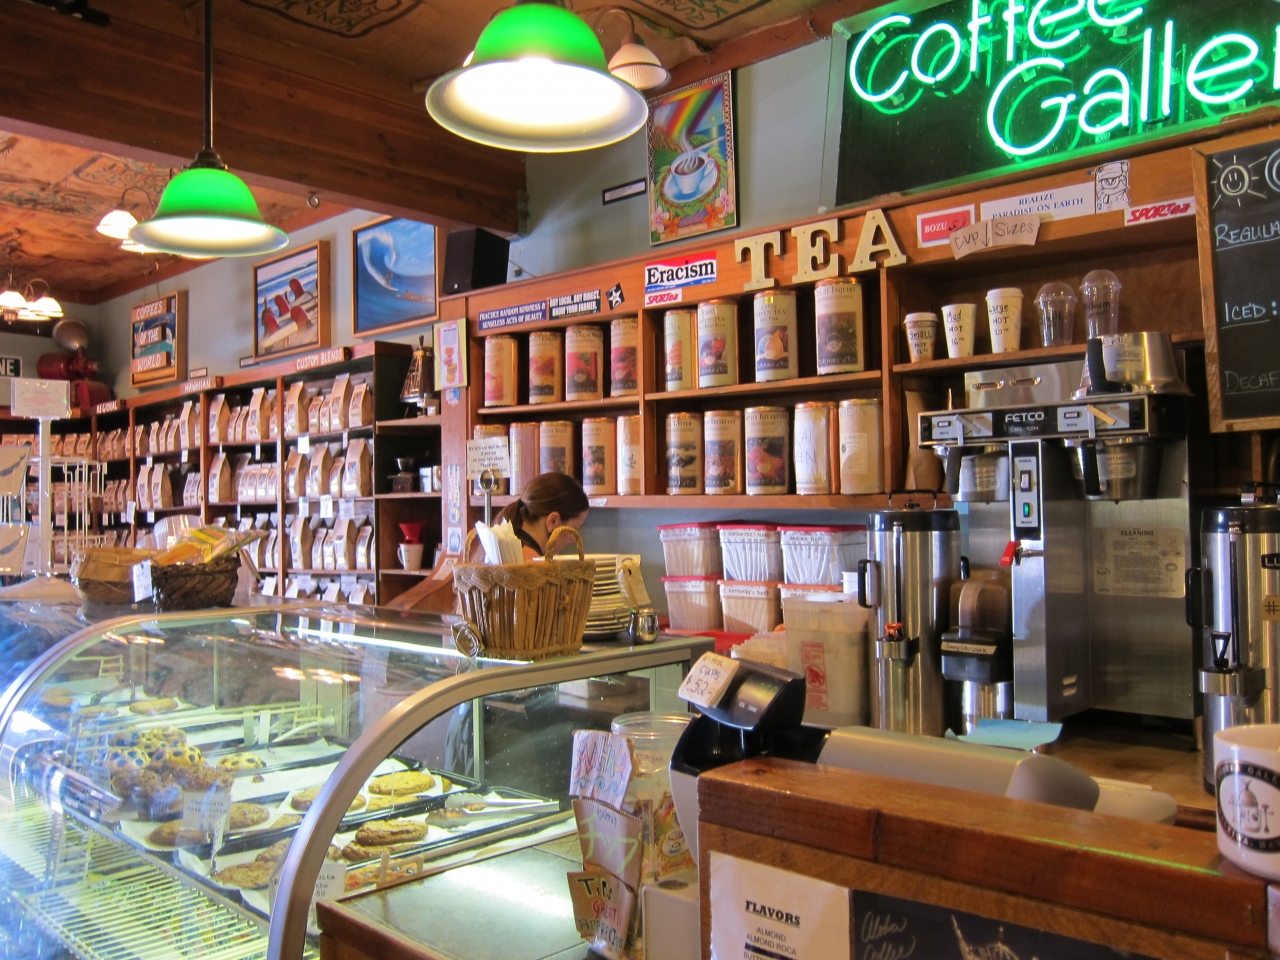 コーヒーギャラリー店内